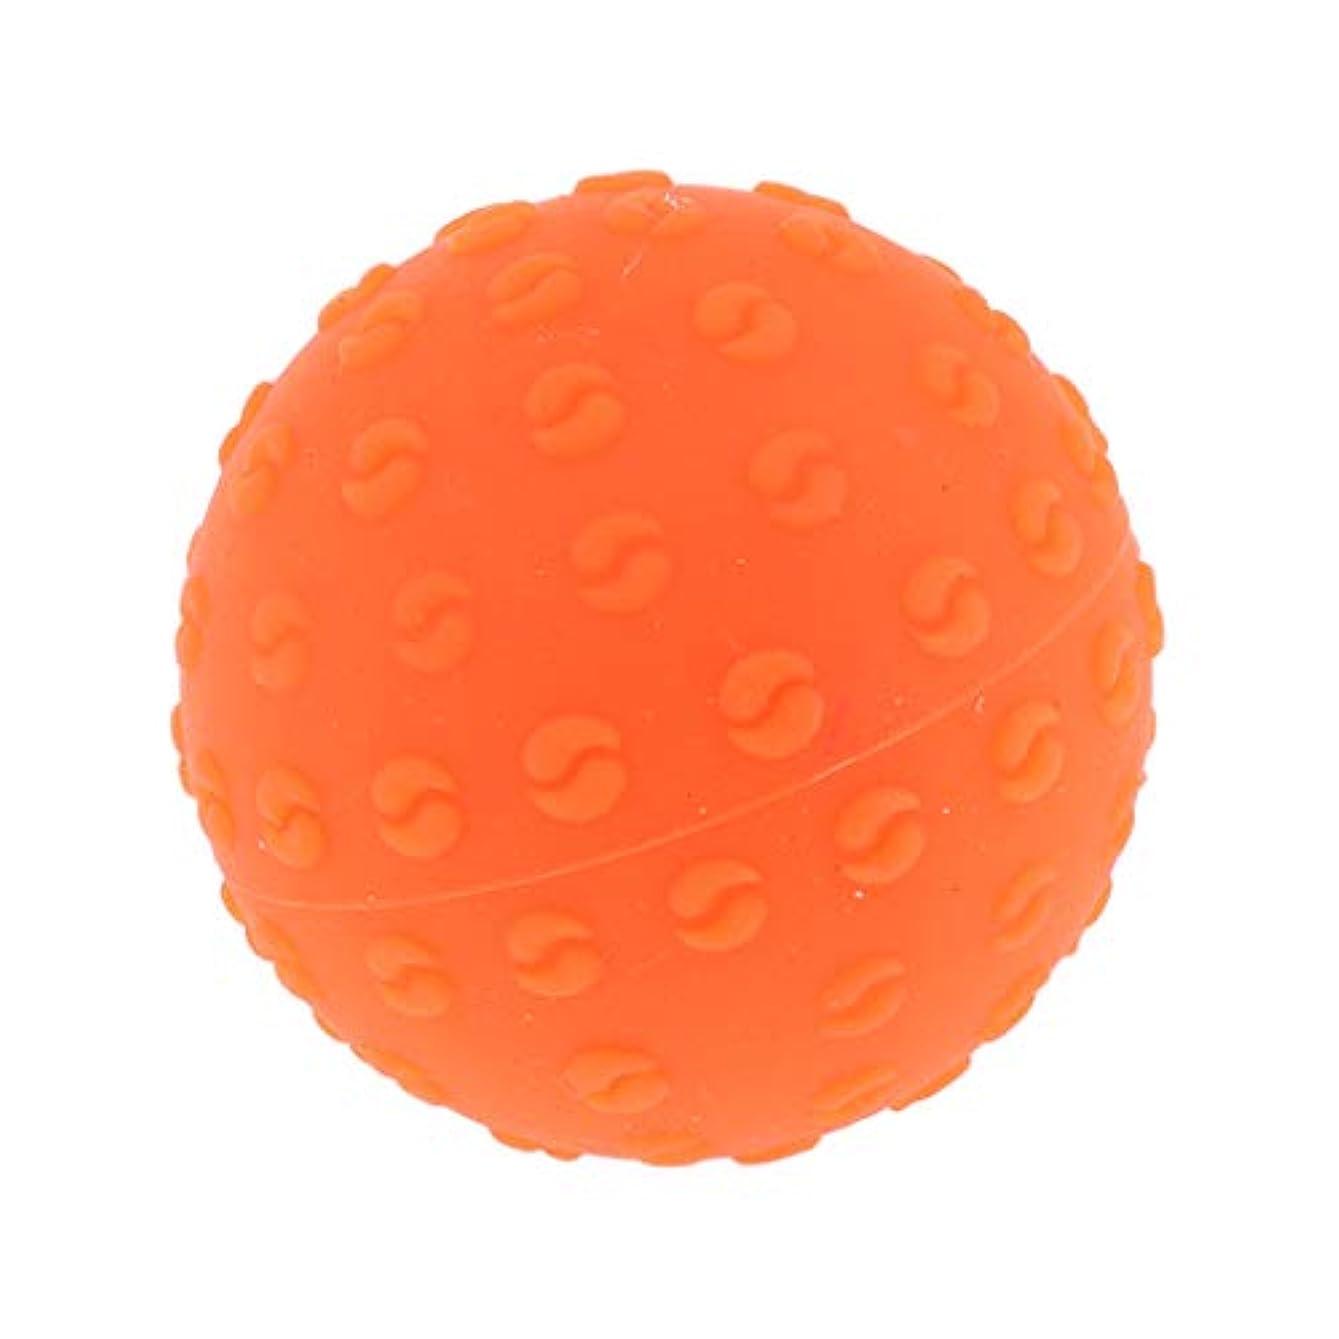 見分ける損失移行する全6色 シリコーンマッサージボール 指圧ボール トリガーポイント ヨガ 肩、足、首、腕 解消 耐摩耗 - オレンジ, 説明のとおり